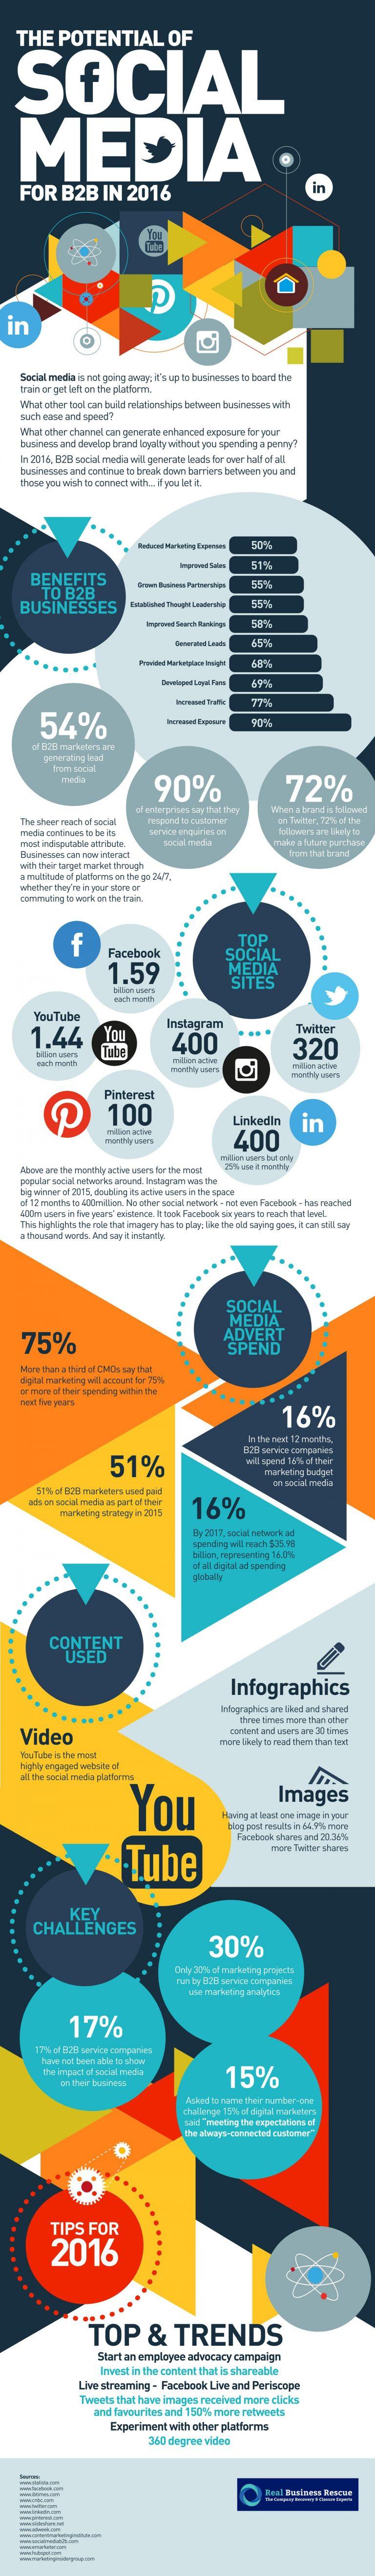 hoe effectief zijn social media voor B2B-organisaties